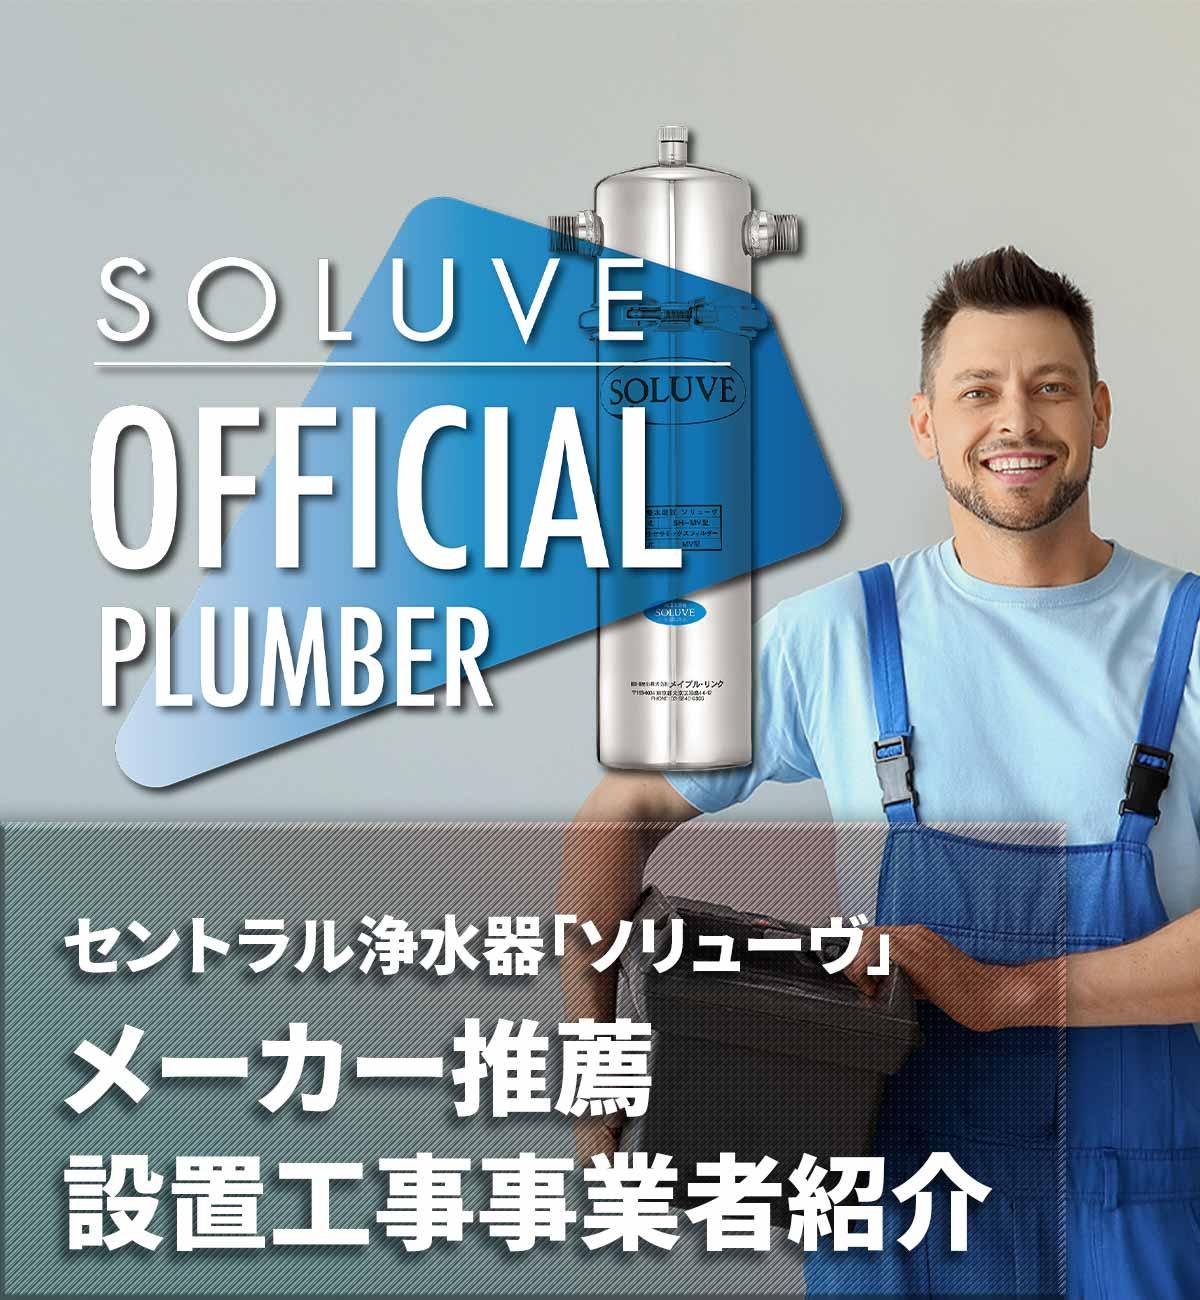 セントラル浄水器『ソリューヴ(SOLUVE)』メーカー推薦設置工事店ページバナー画像